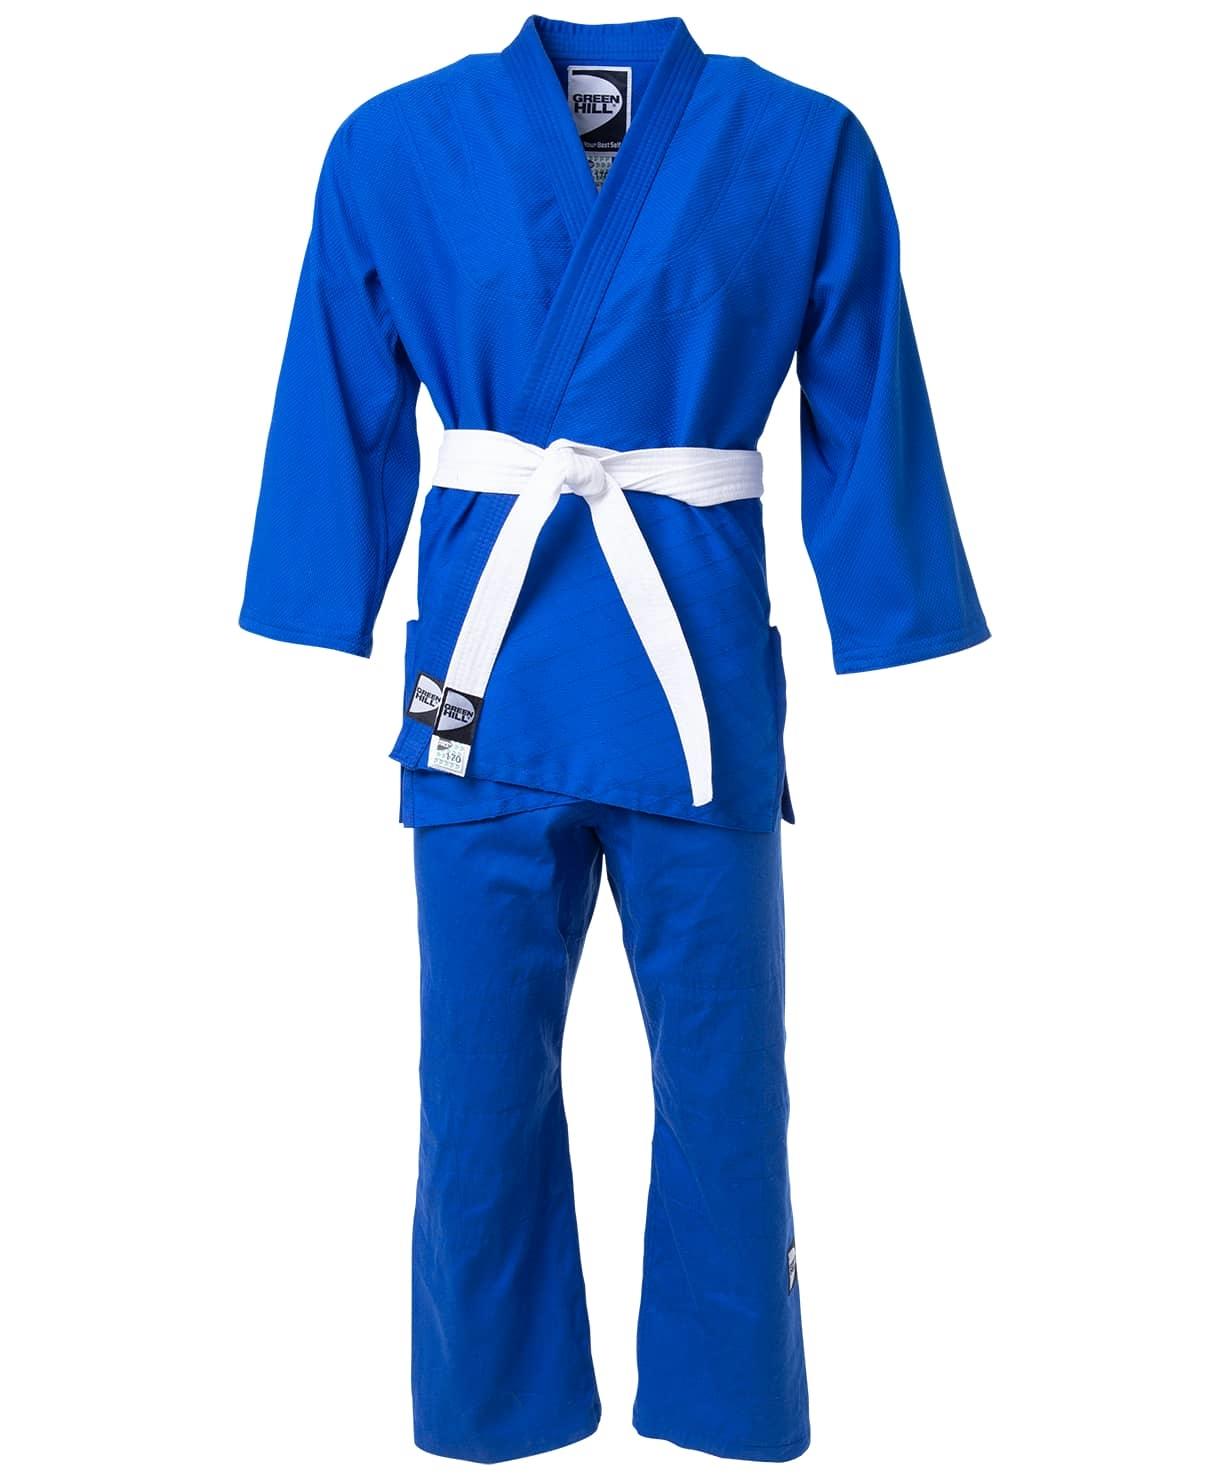 Кимоно для дзюдо JSST-10572, синий, р.000/110